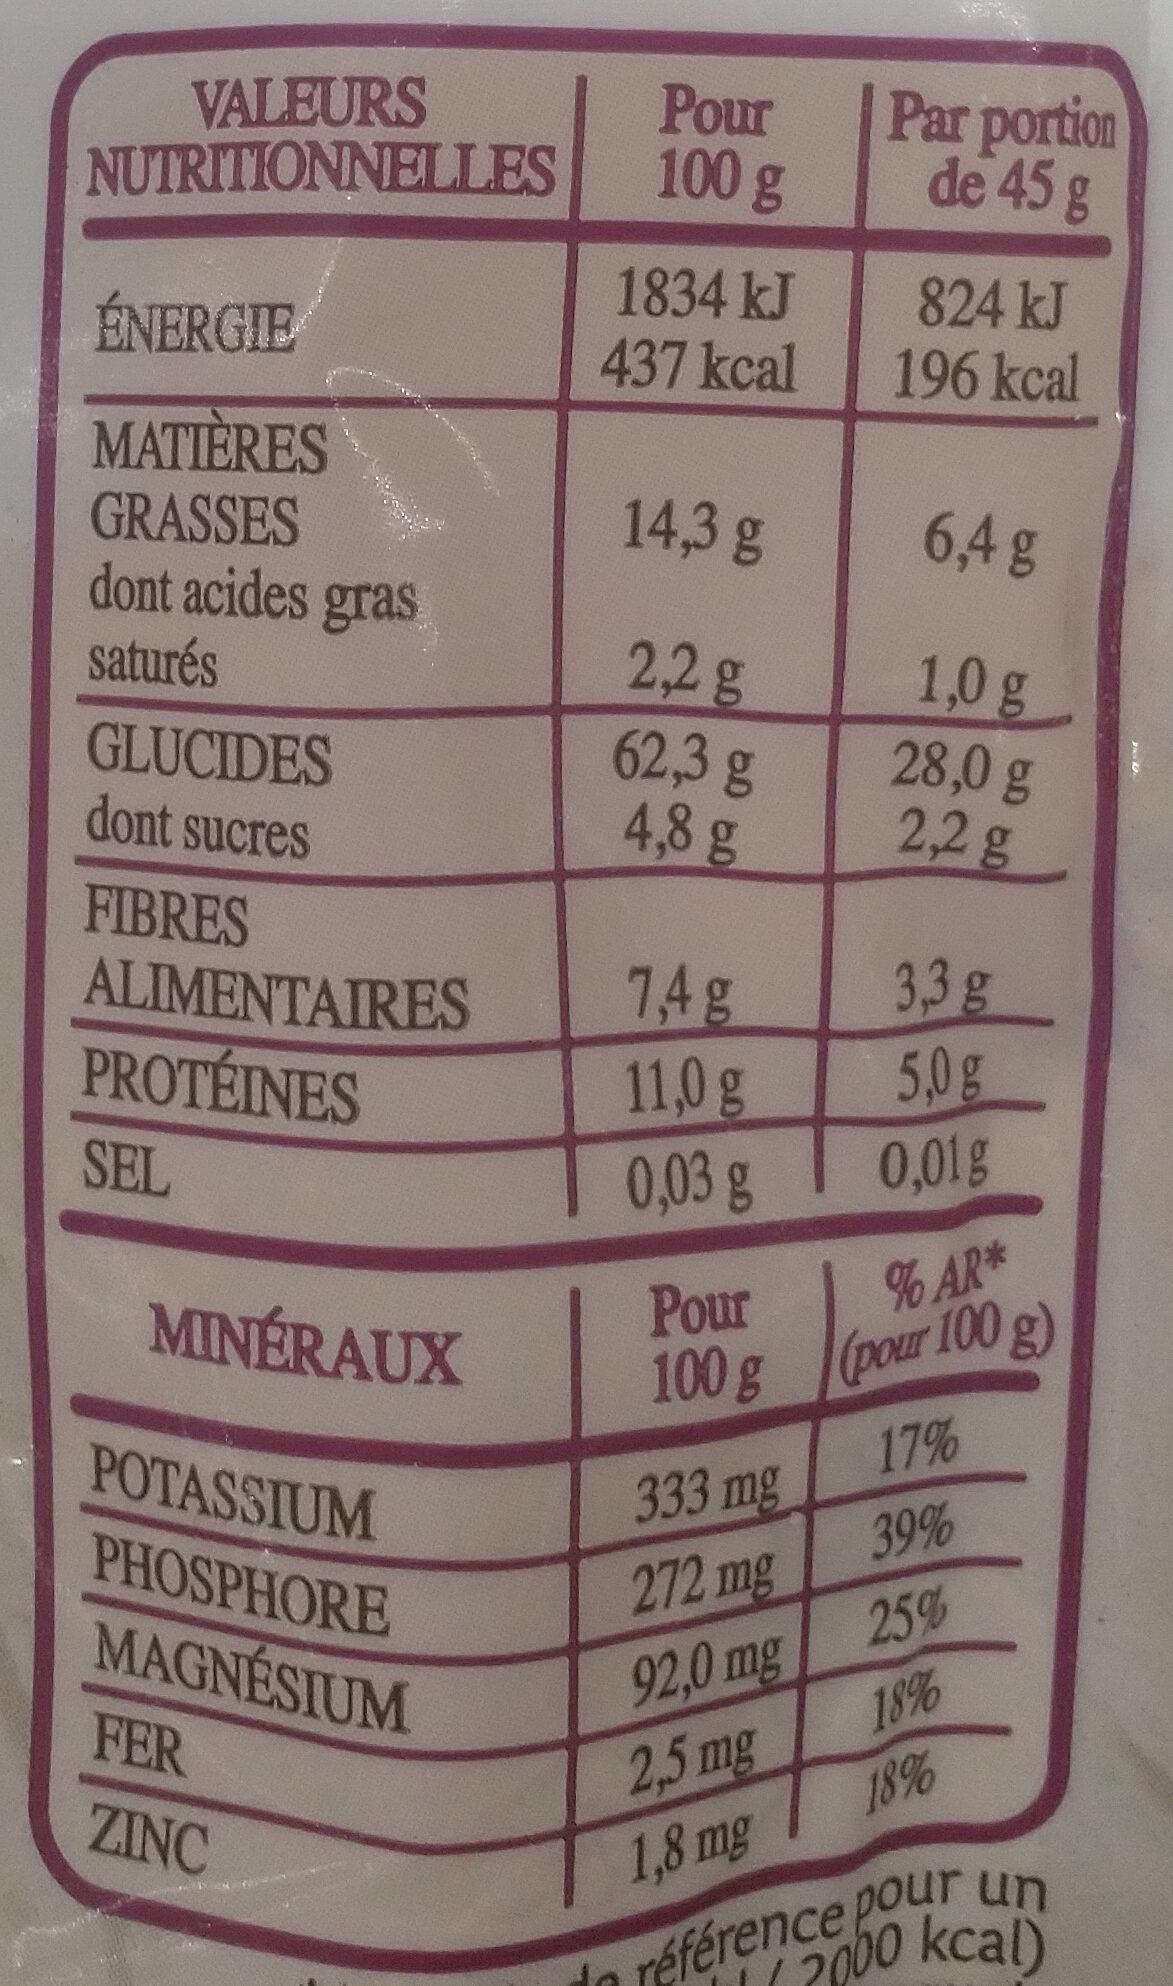 Granola céréales complètes Cerise, amande & graine de tournesol - Informations nutritionnelles - fr